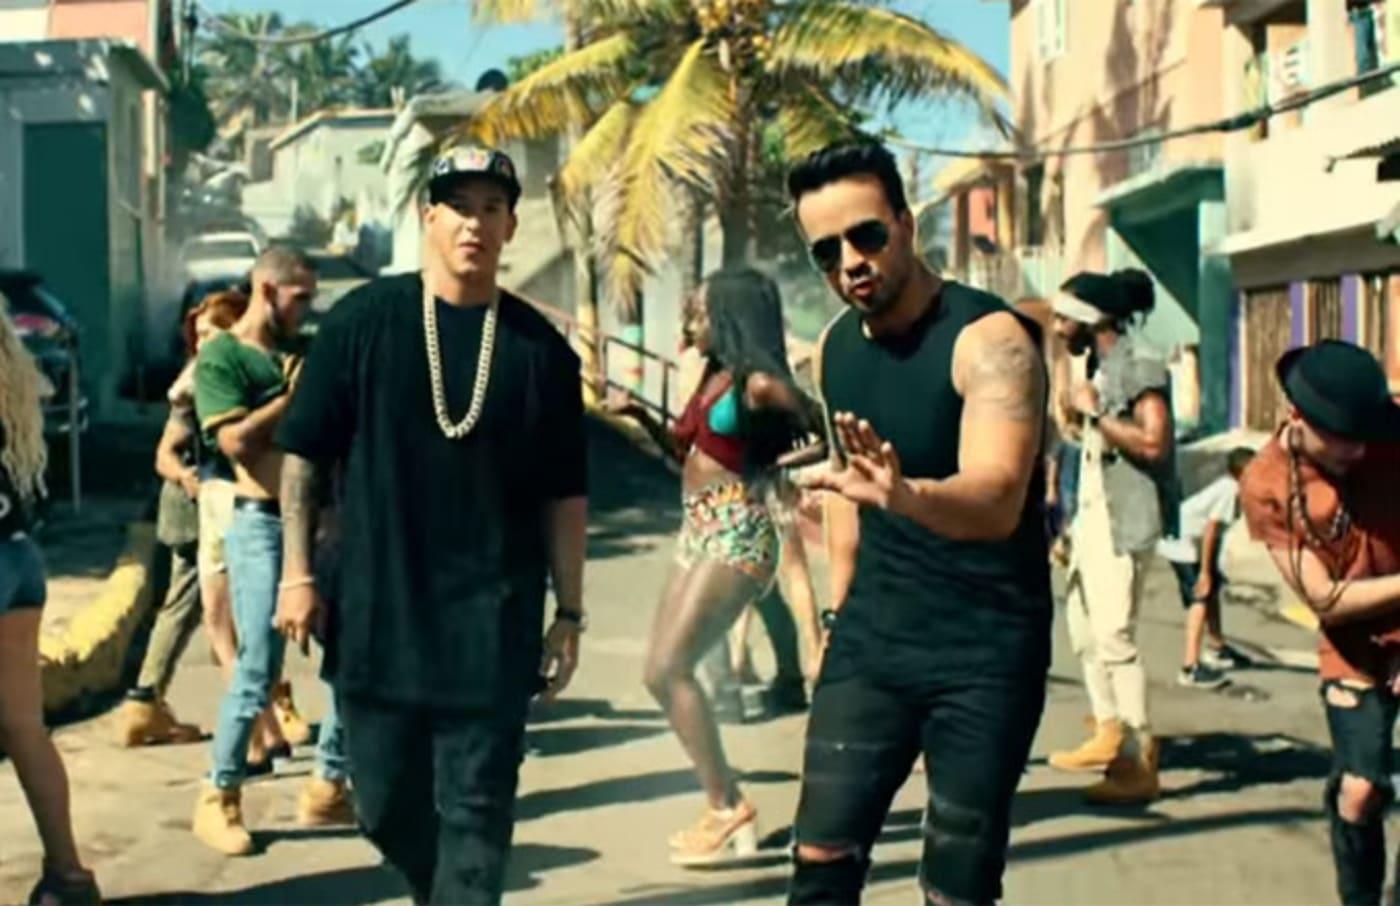 A stillshot of Despacito's music video.